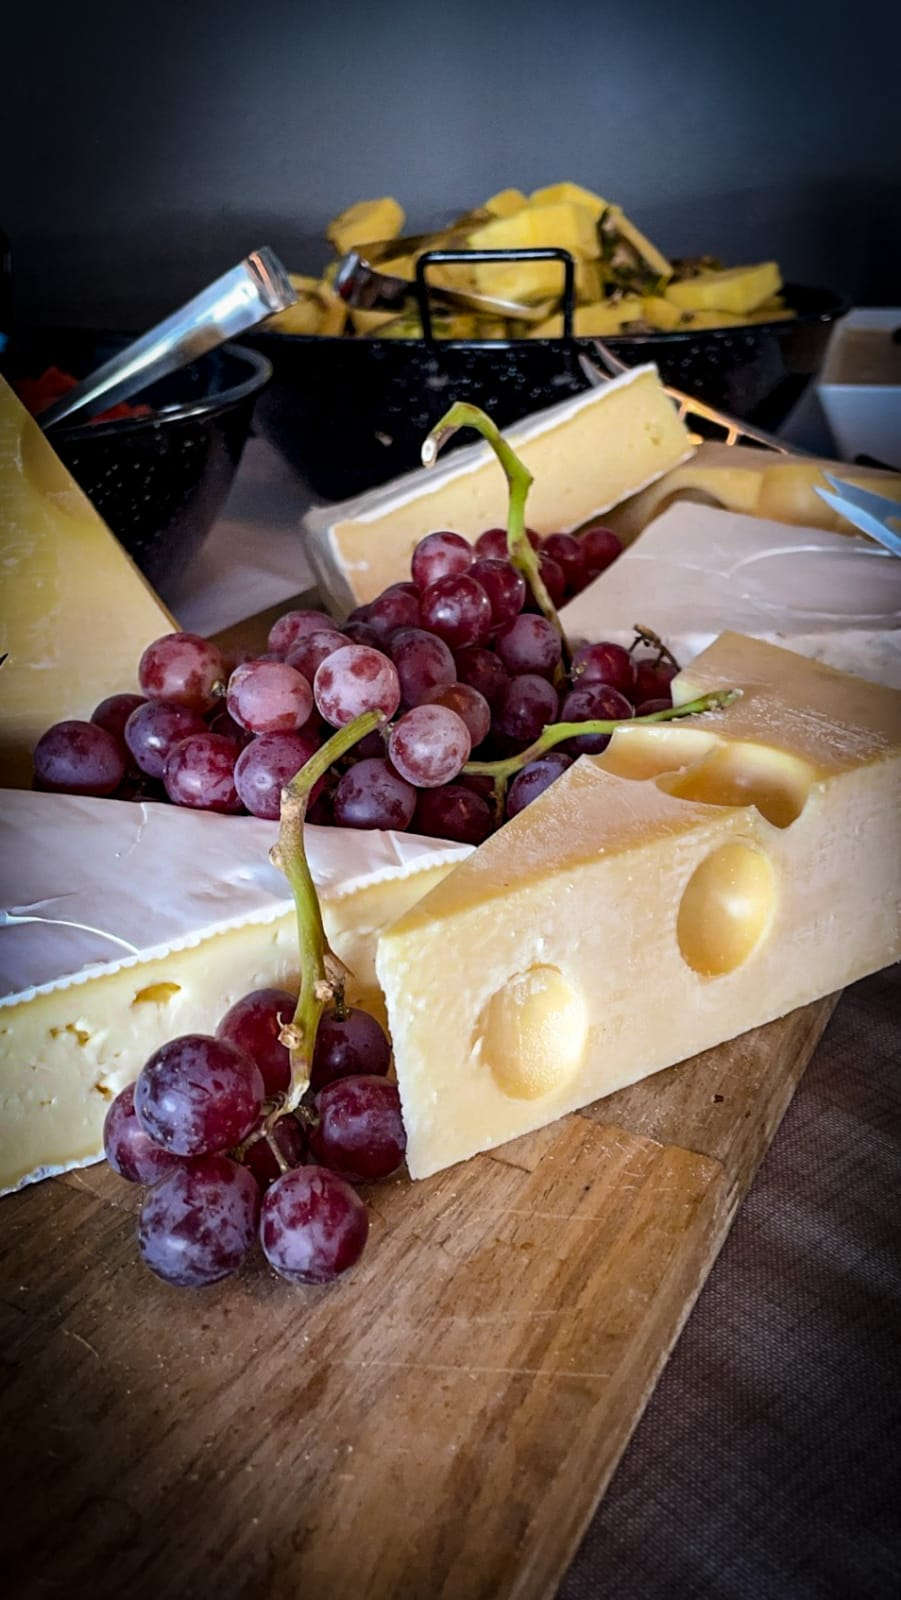 Sadonkorjuubuffetin juustot ja viinirypäleet.